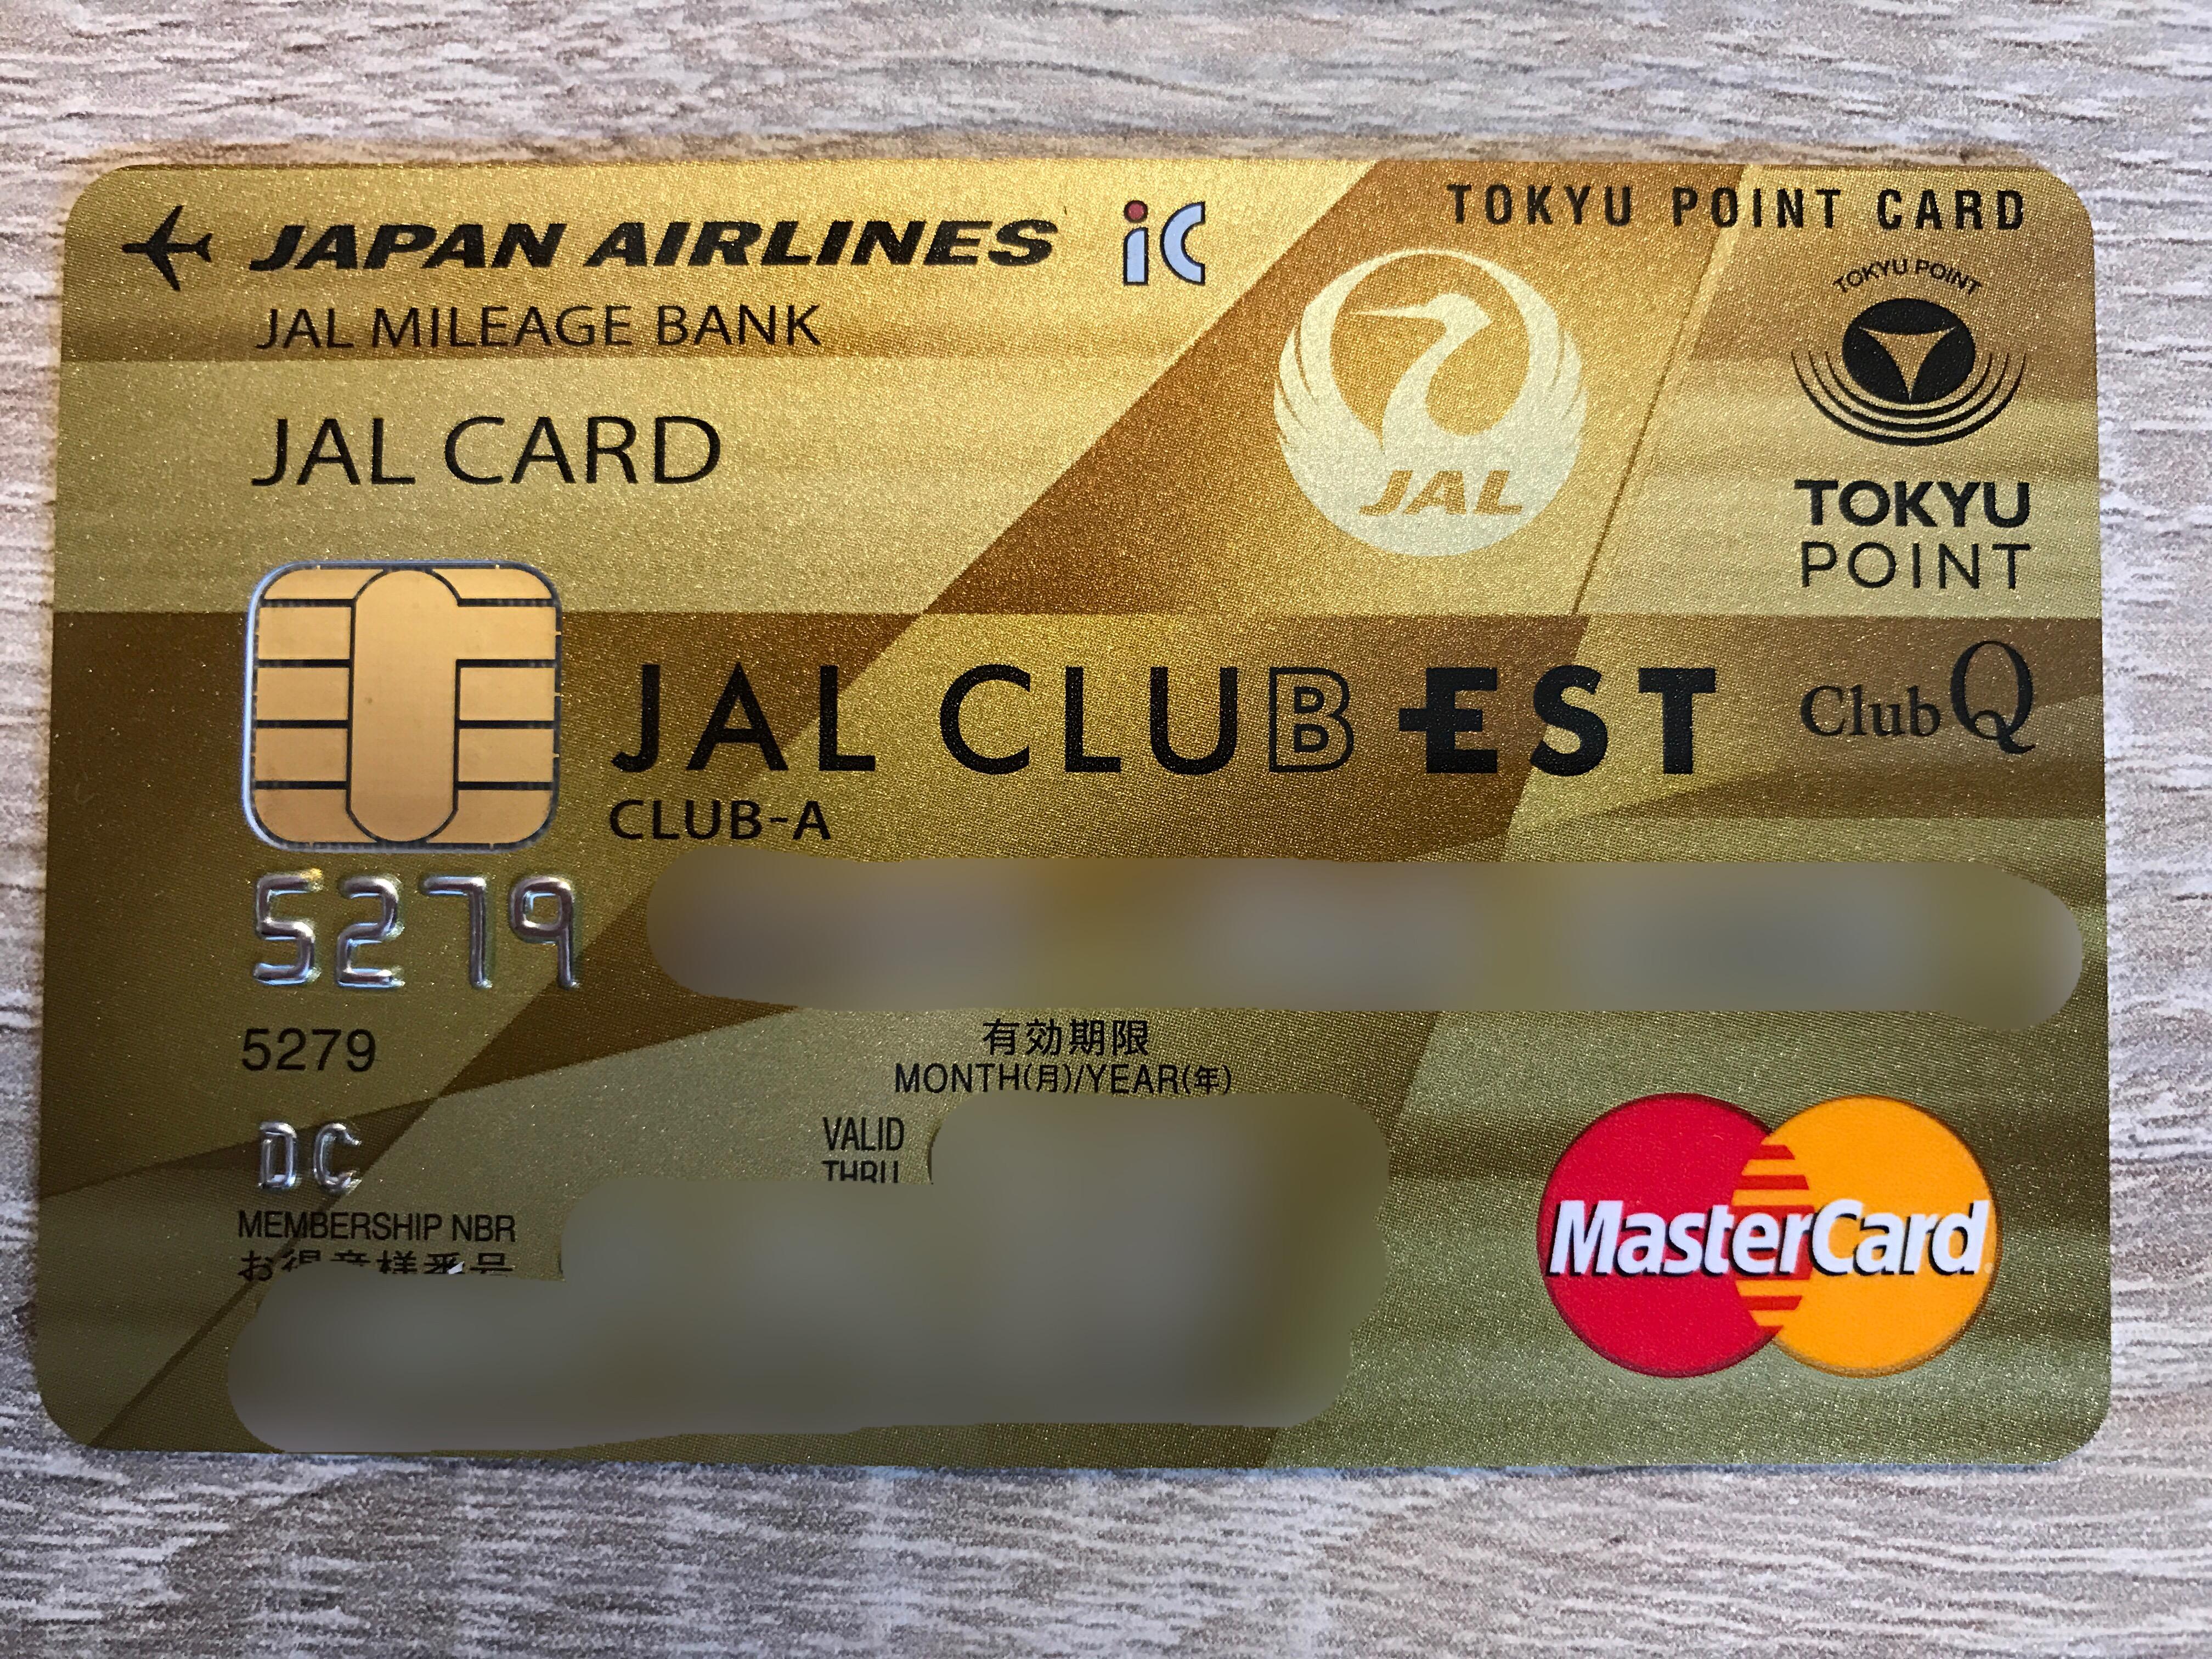 JALカード TOKYU POINT&Club-Qカード EST CLUB-A の申し込みから到着まで